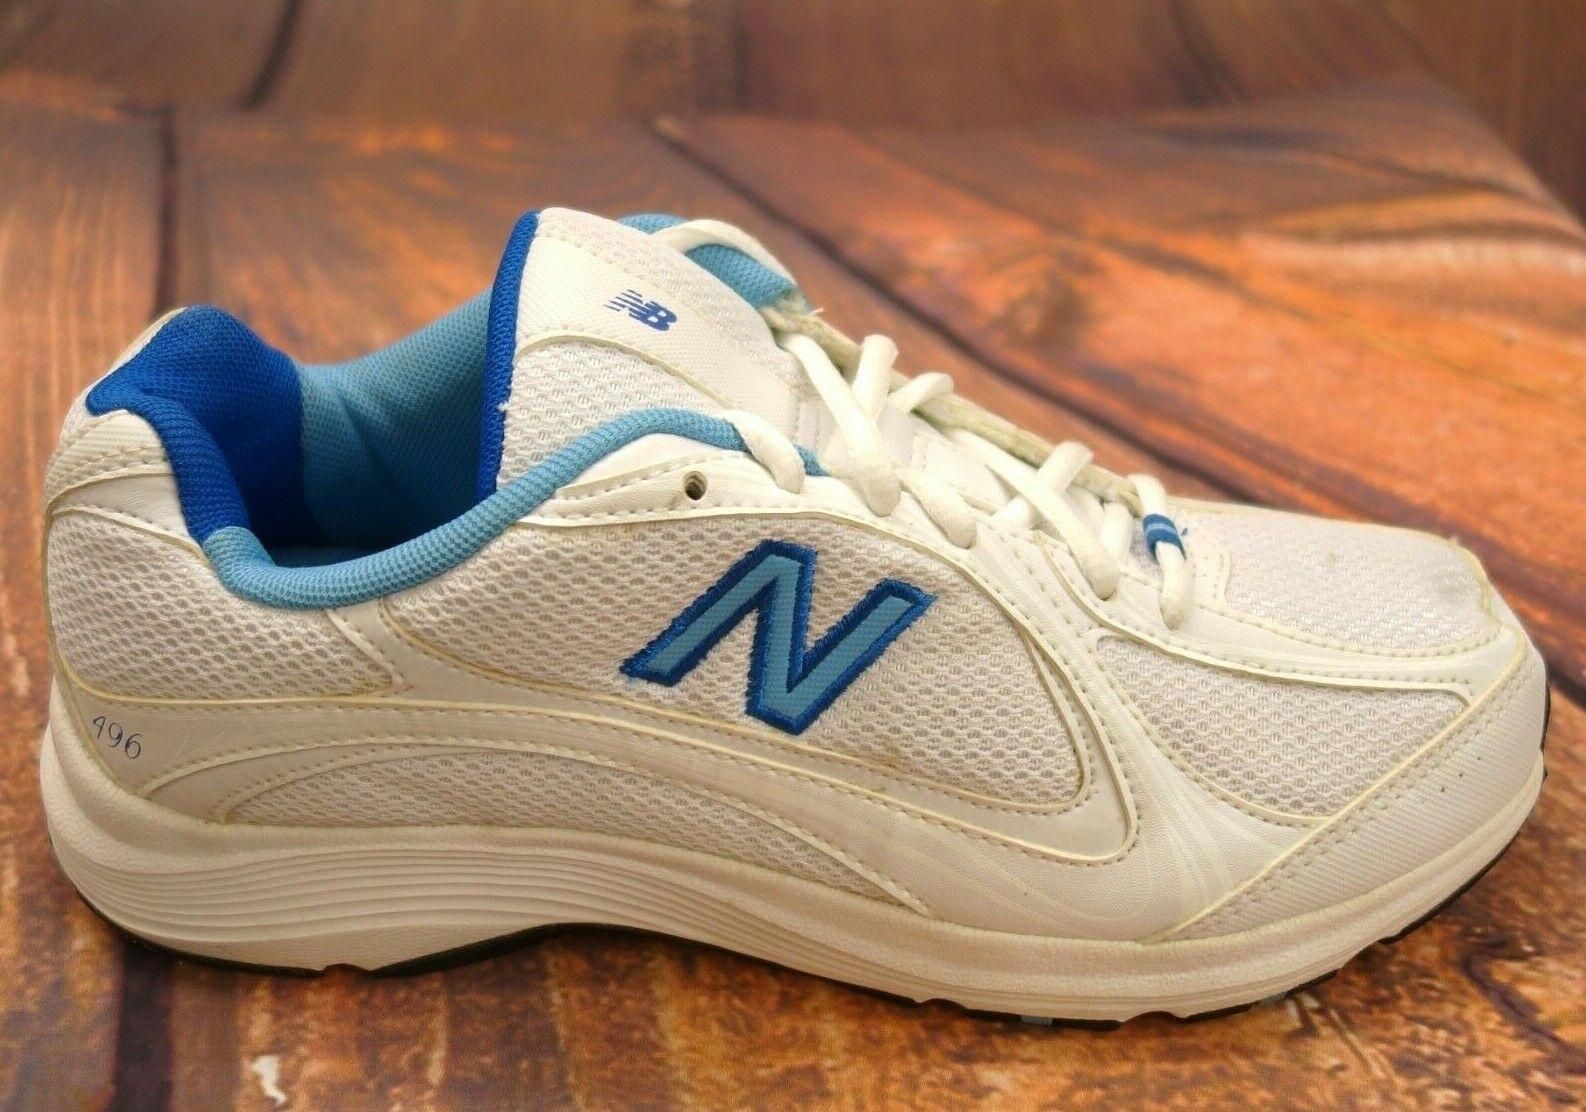 NIKE Air Max 90 Leather Herren Vollleder Sneaker Schwarz Schuhe, Größe:45